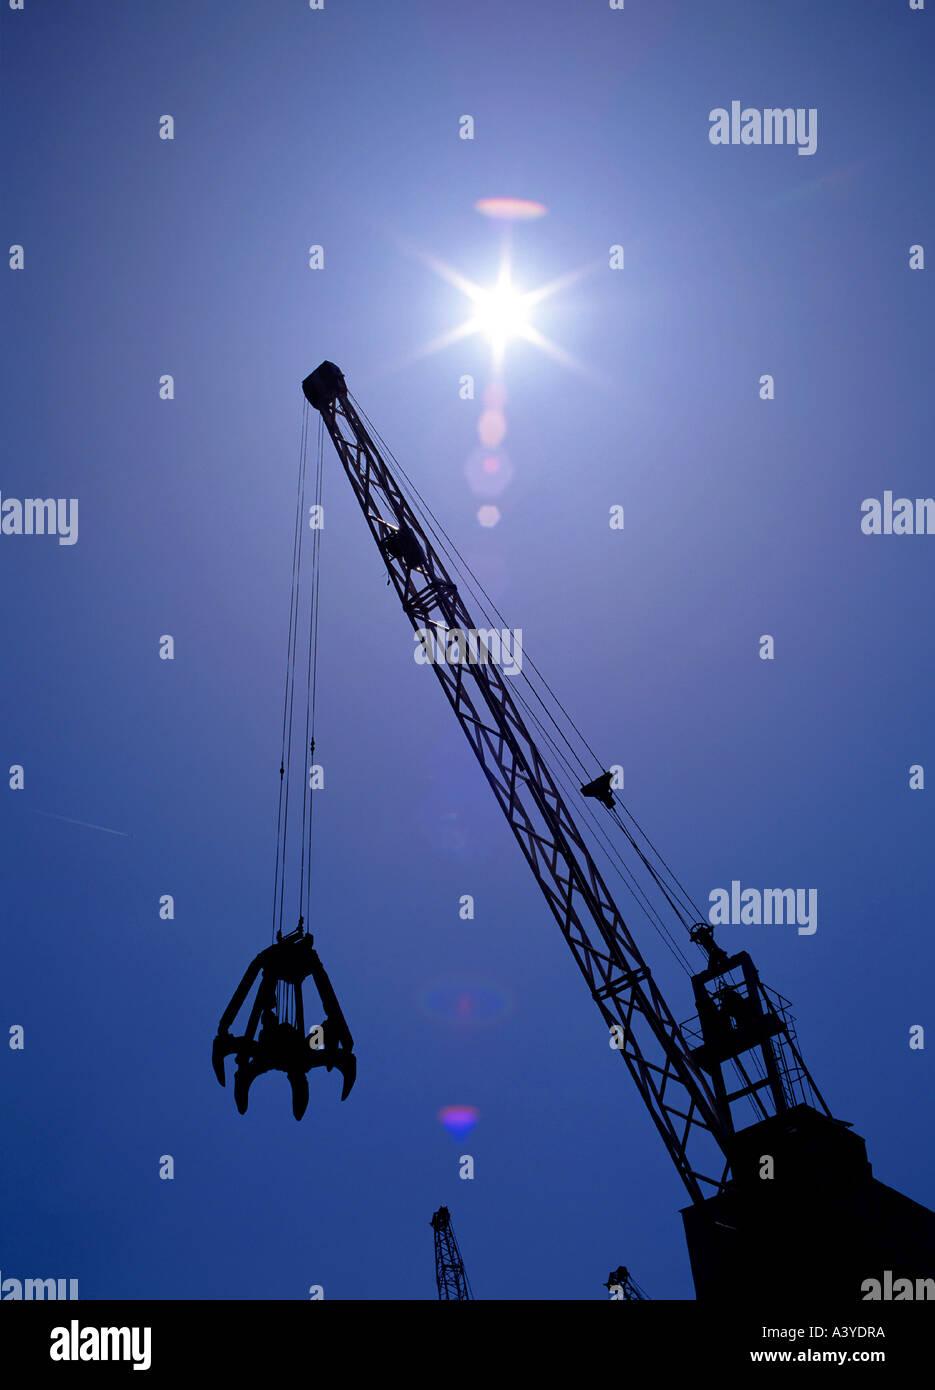 crane at scrap yard - Stock Image